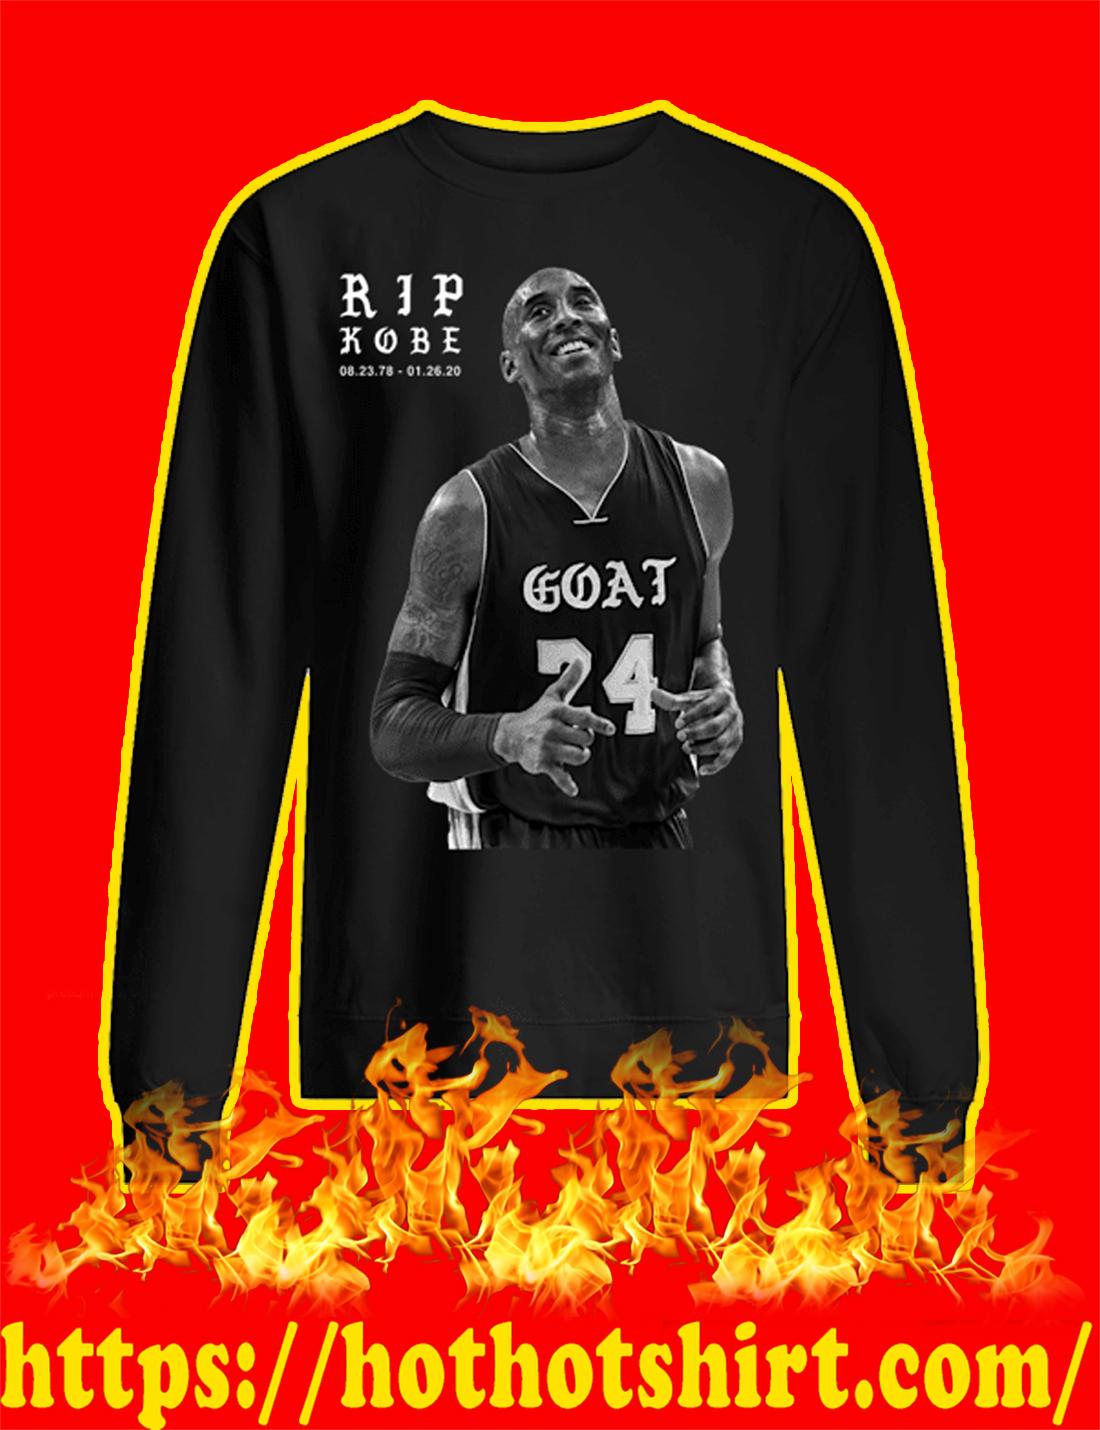 Rip Kobe 08 23 78 - 01 26 20 sweatshirt